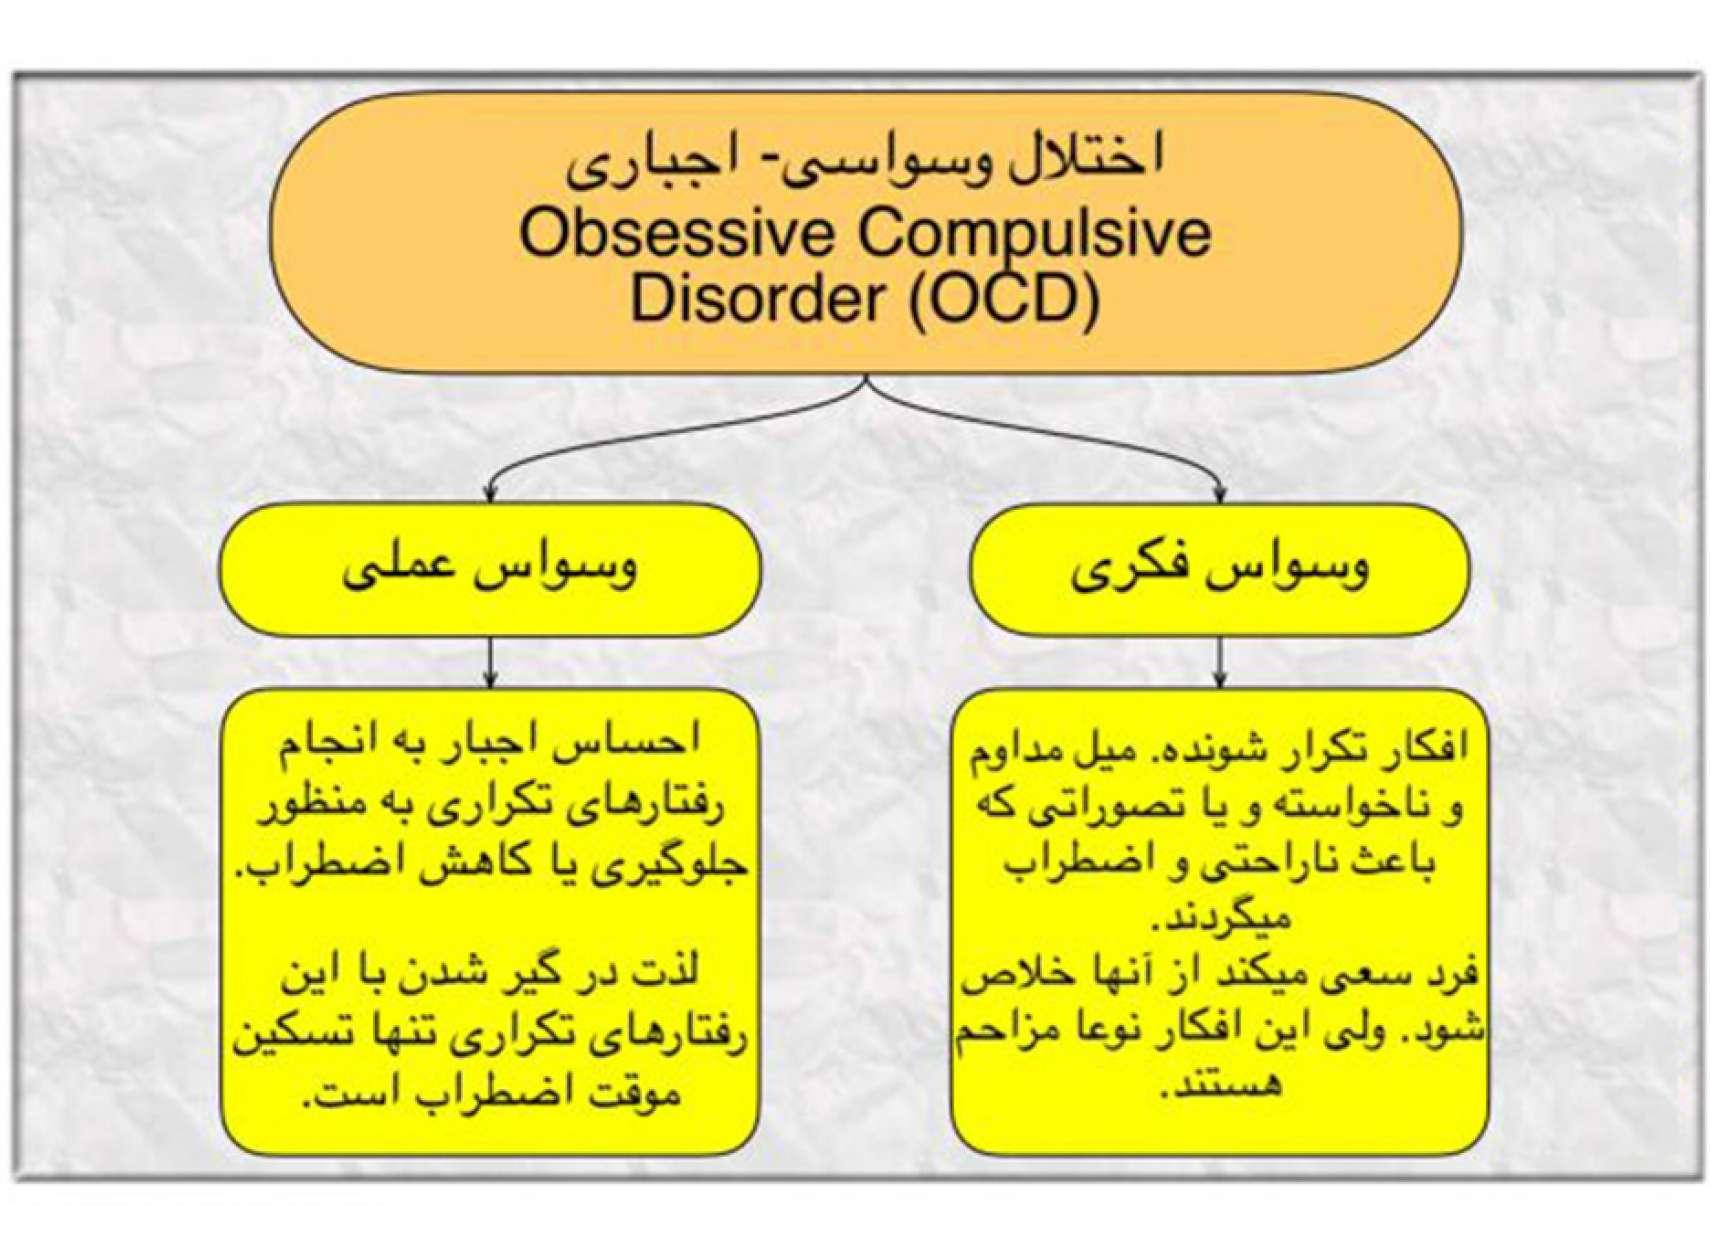 روانشناسی-داعی-وسواس